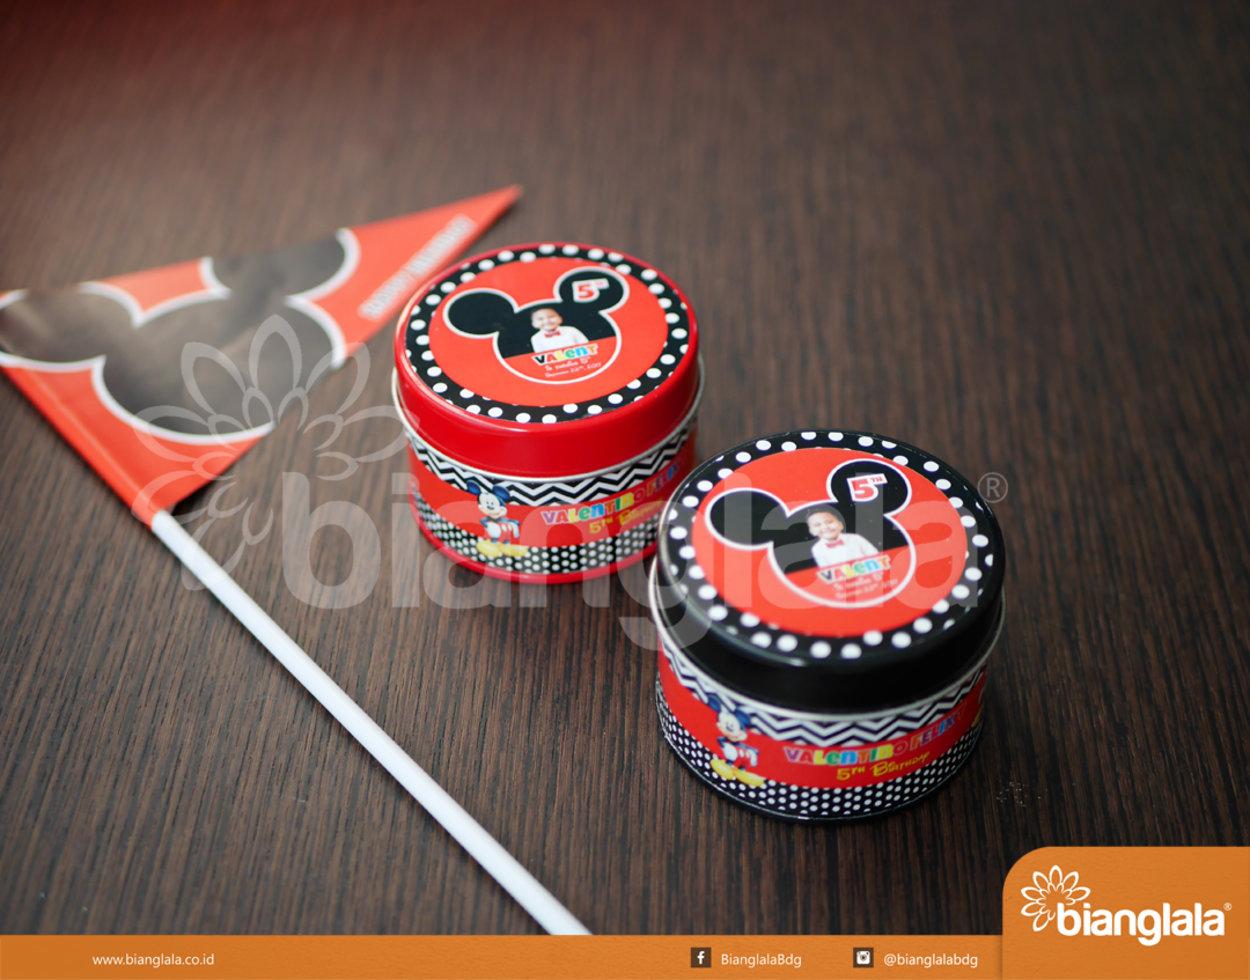 kaleng bulat tema mickey mouse